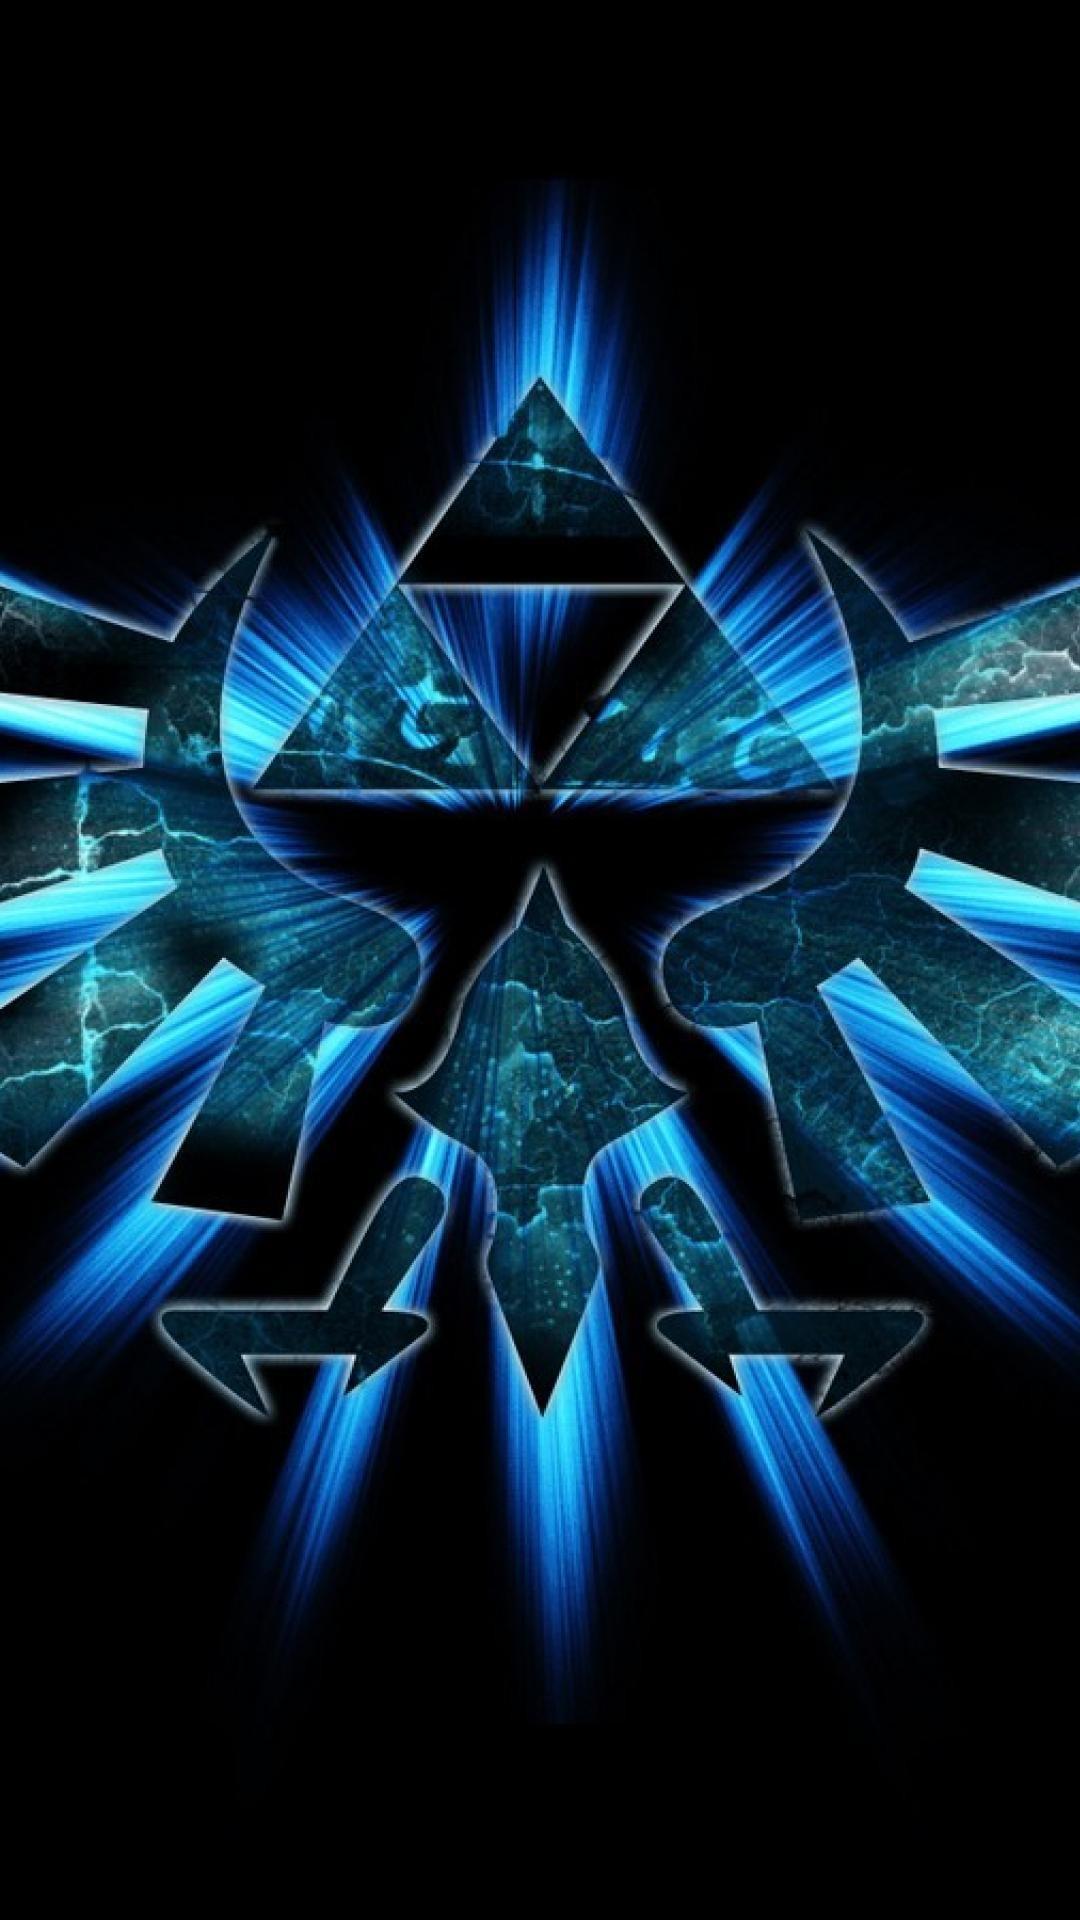 Triforce the legend of zelda wallpaper   (64142)